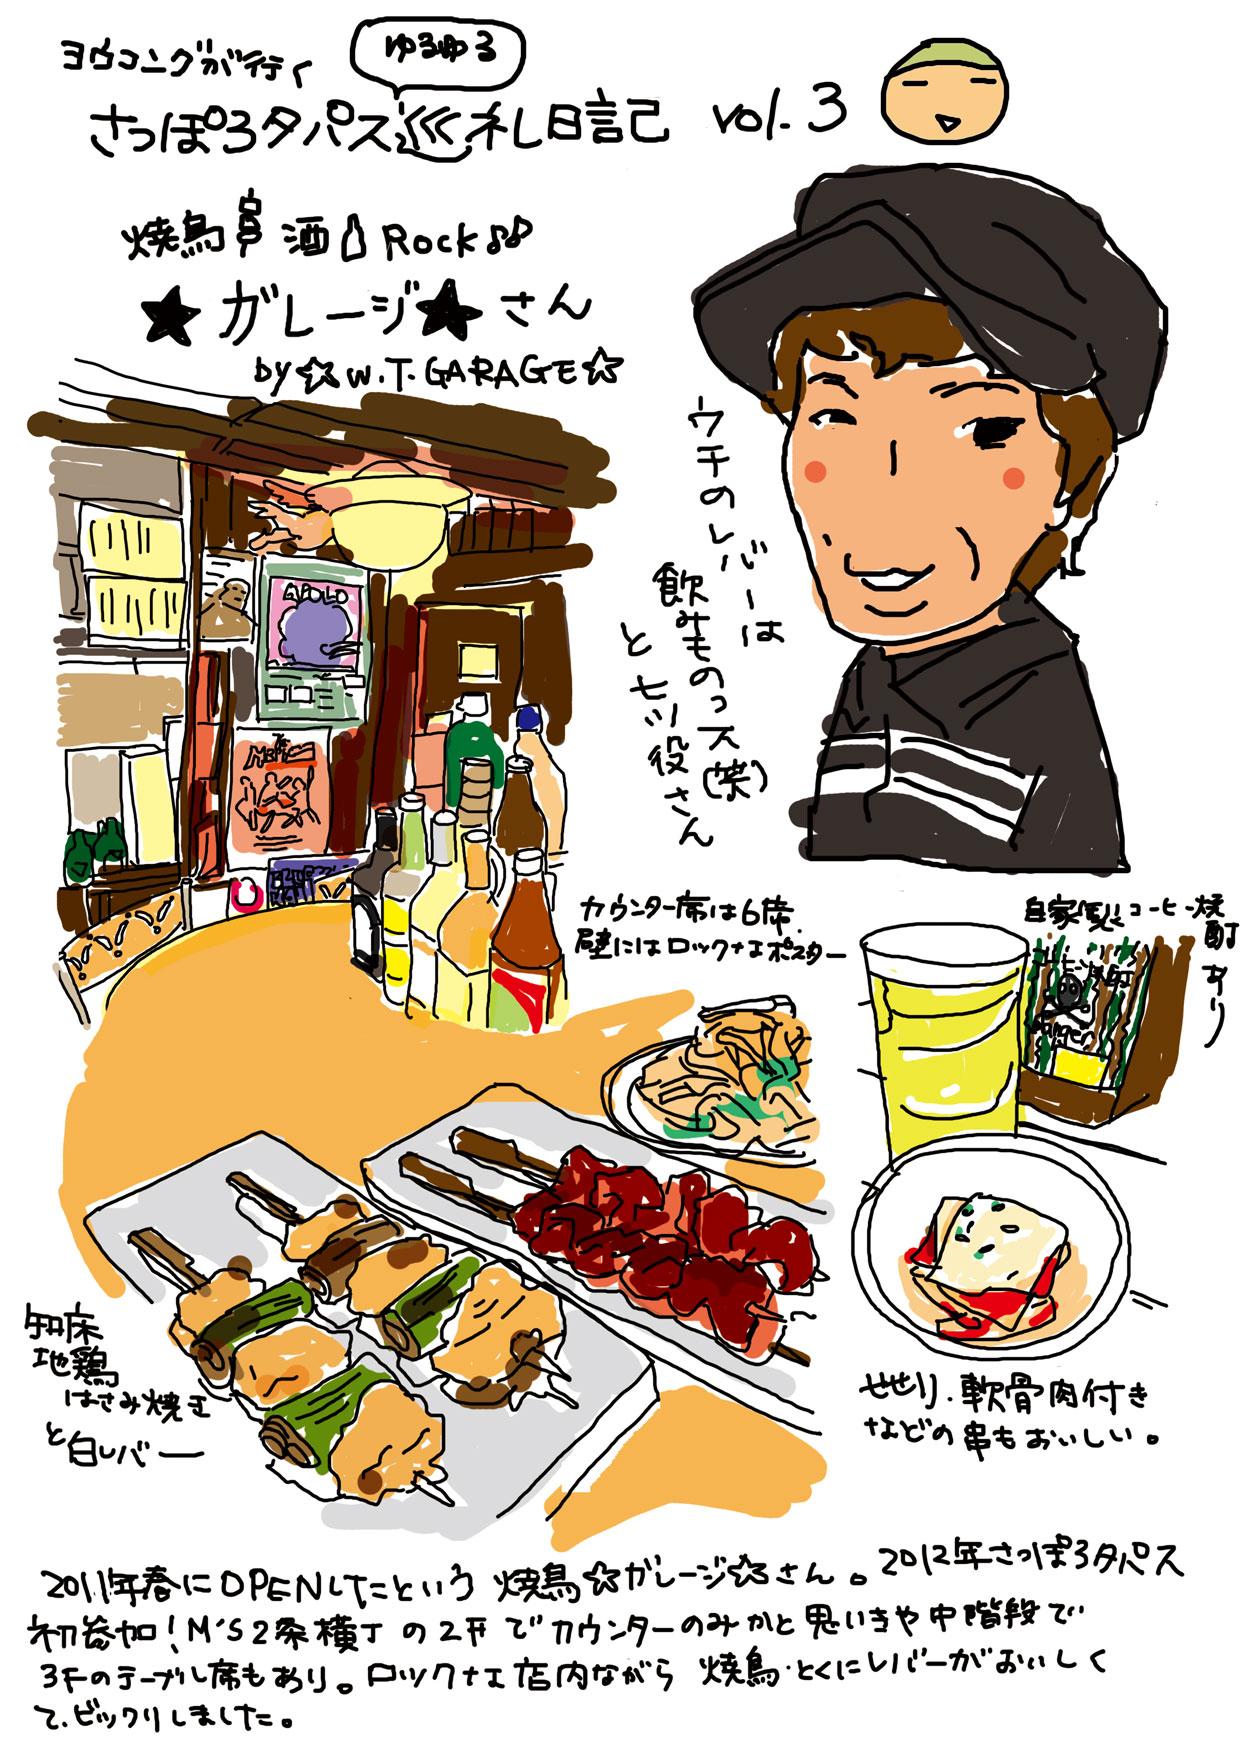 2013-03-焼鳥★ガレージ★.jpg